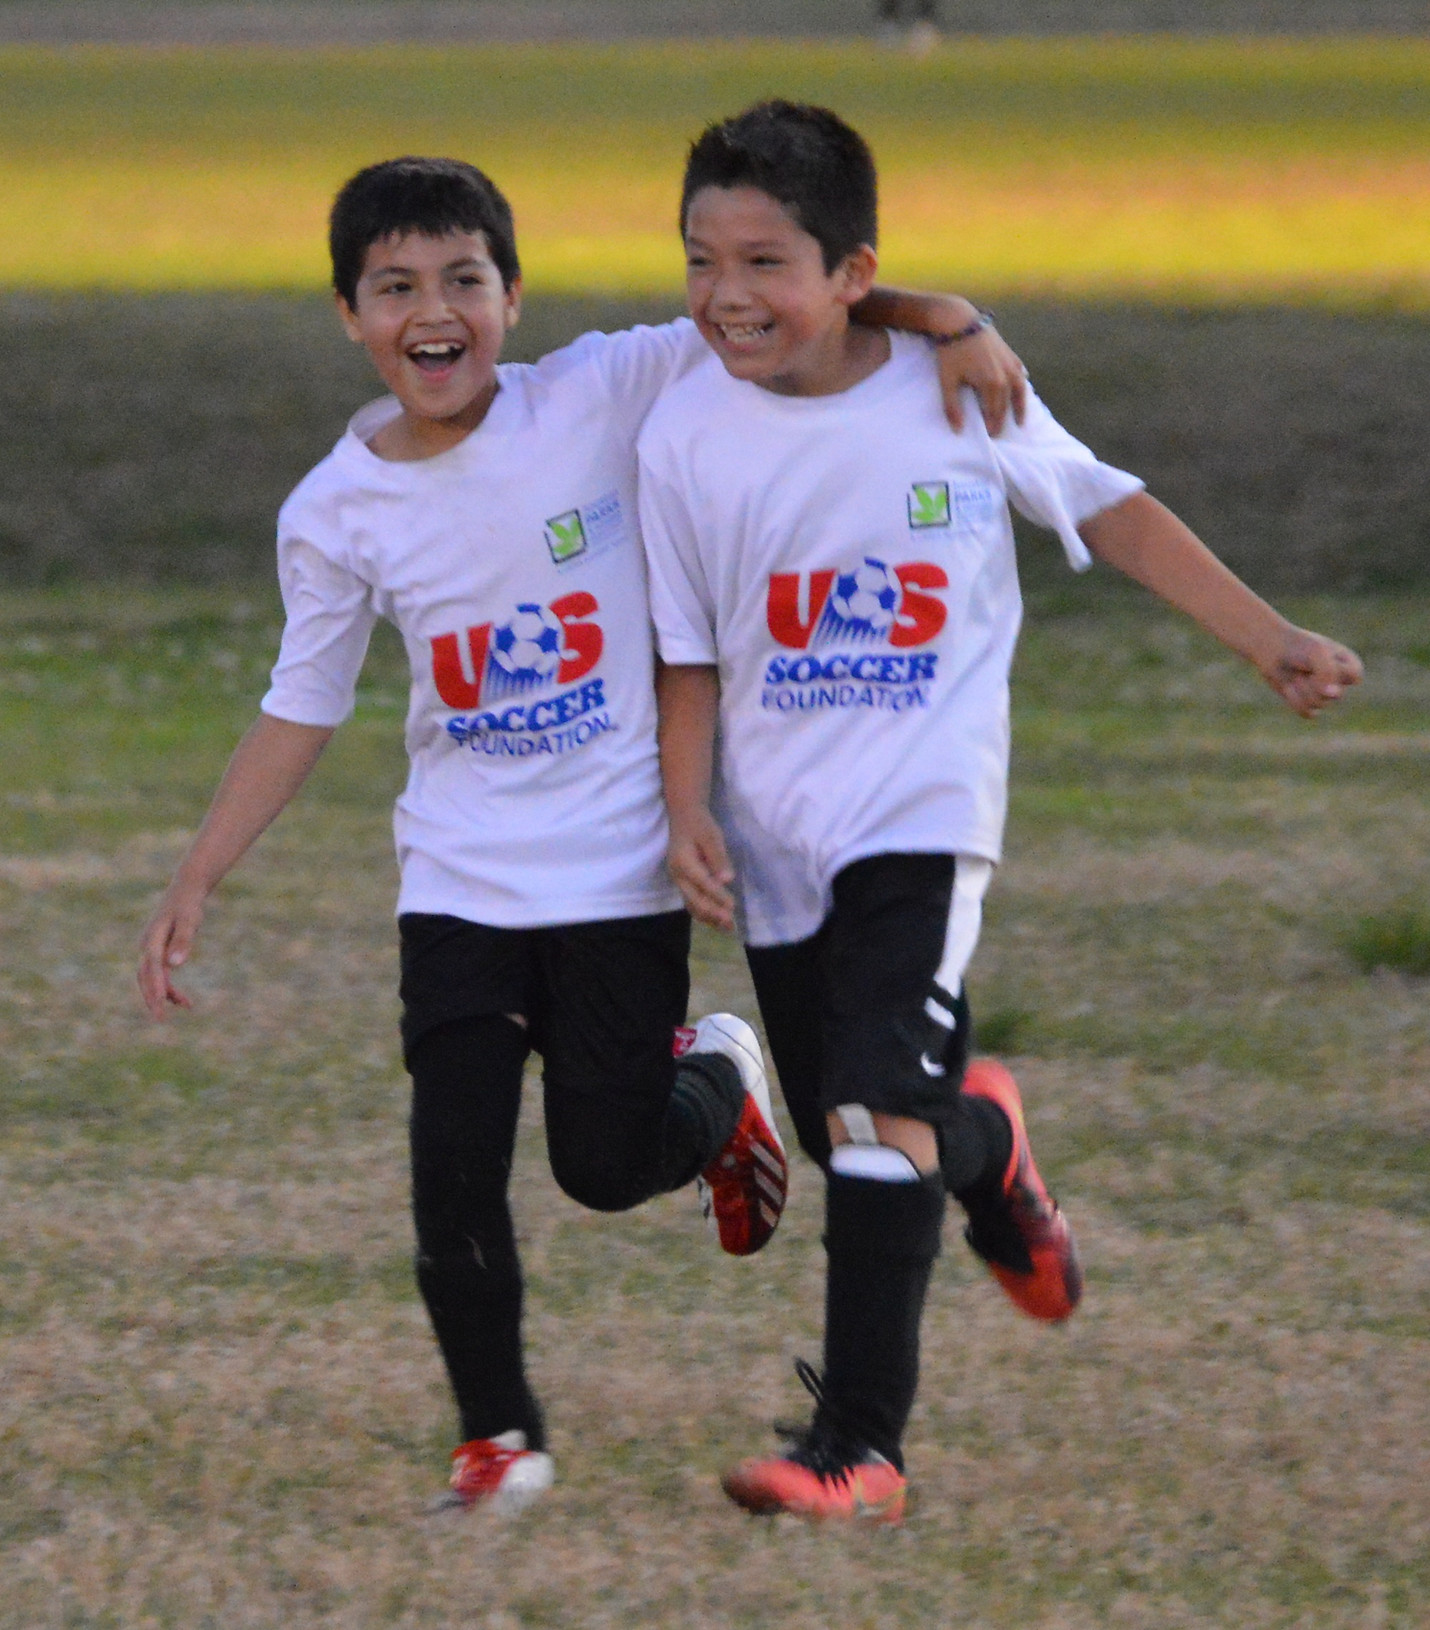 Crespo Goal Celebration.JPG